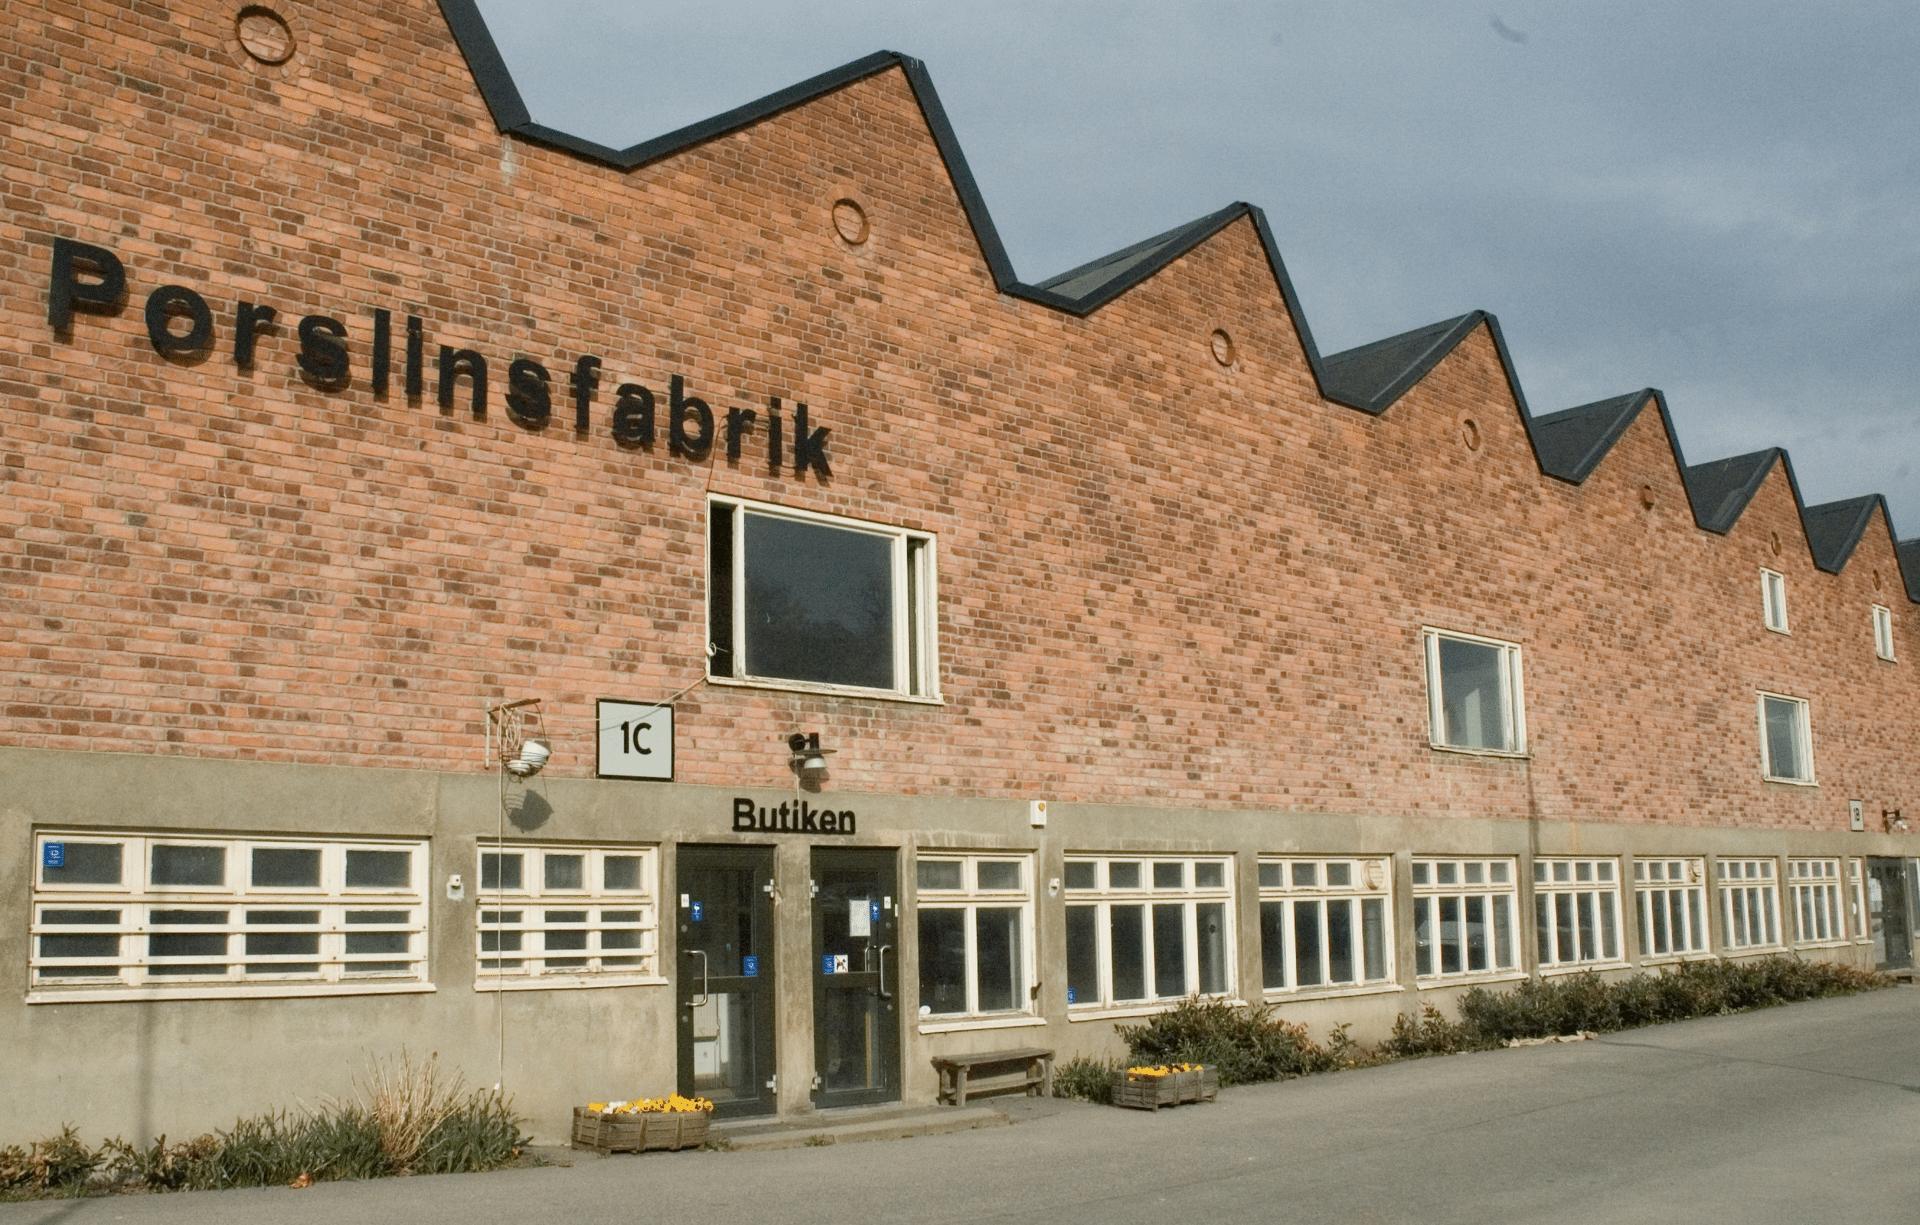 Gustavsbergs Porslinsfabrik utifrån